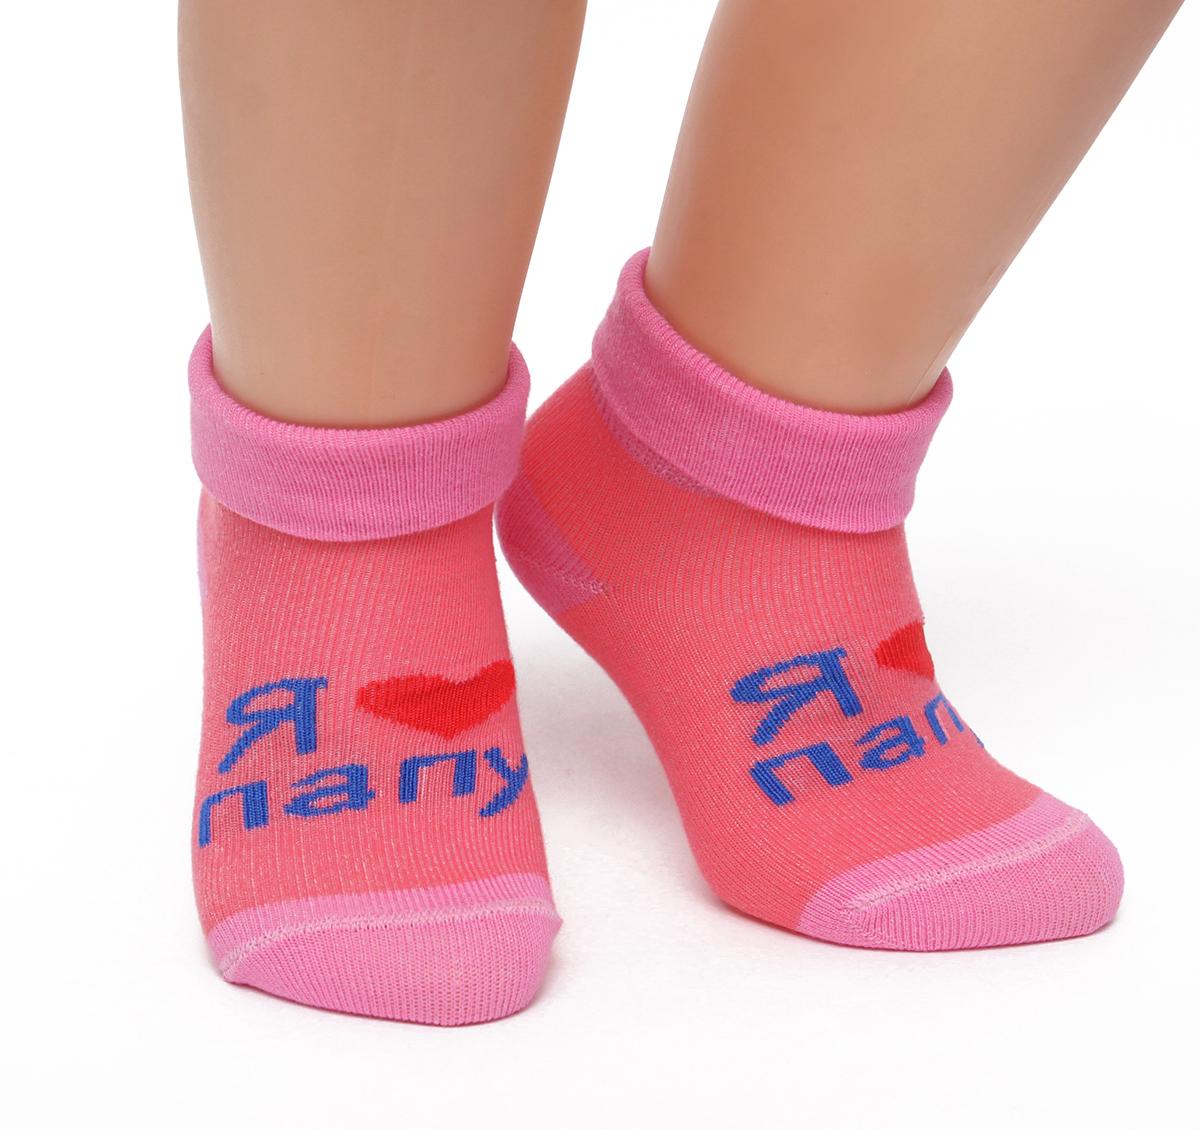 Носки детские Touch Gold, цвет: розовый. 127. Размер 1-2 года127Детские носочки изготовлены из высококачественного хлопка. Мягкая широкая резинка, не перетягивает ножку.